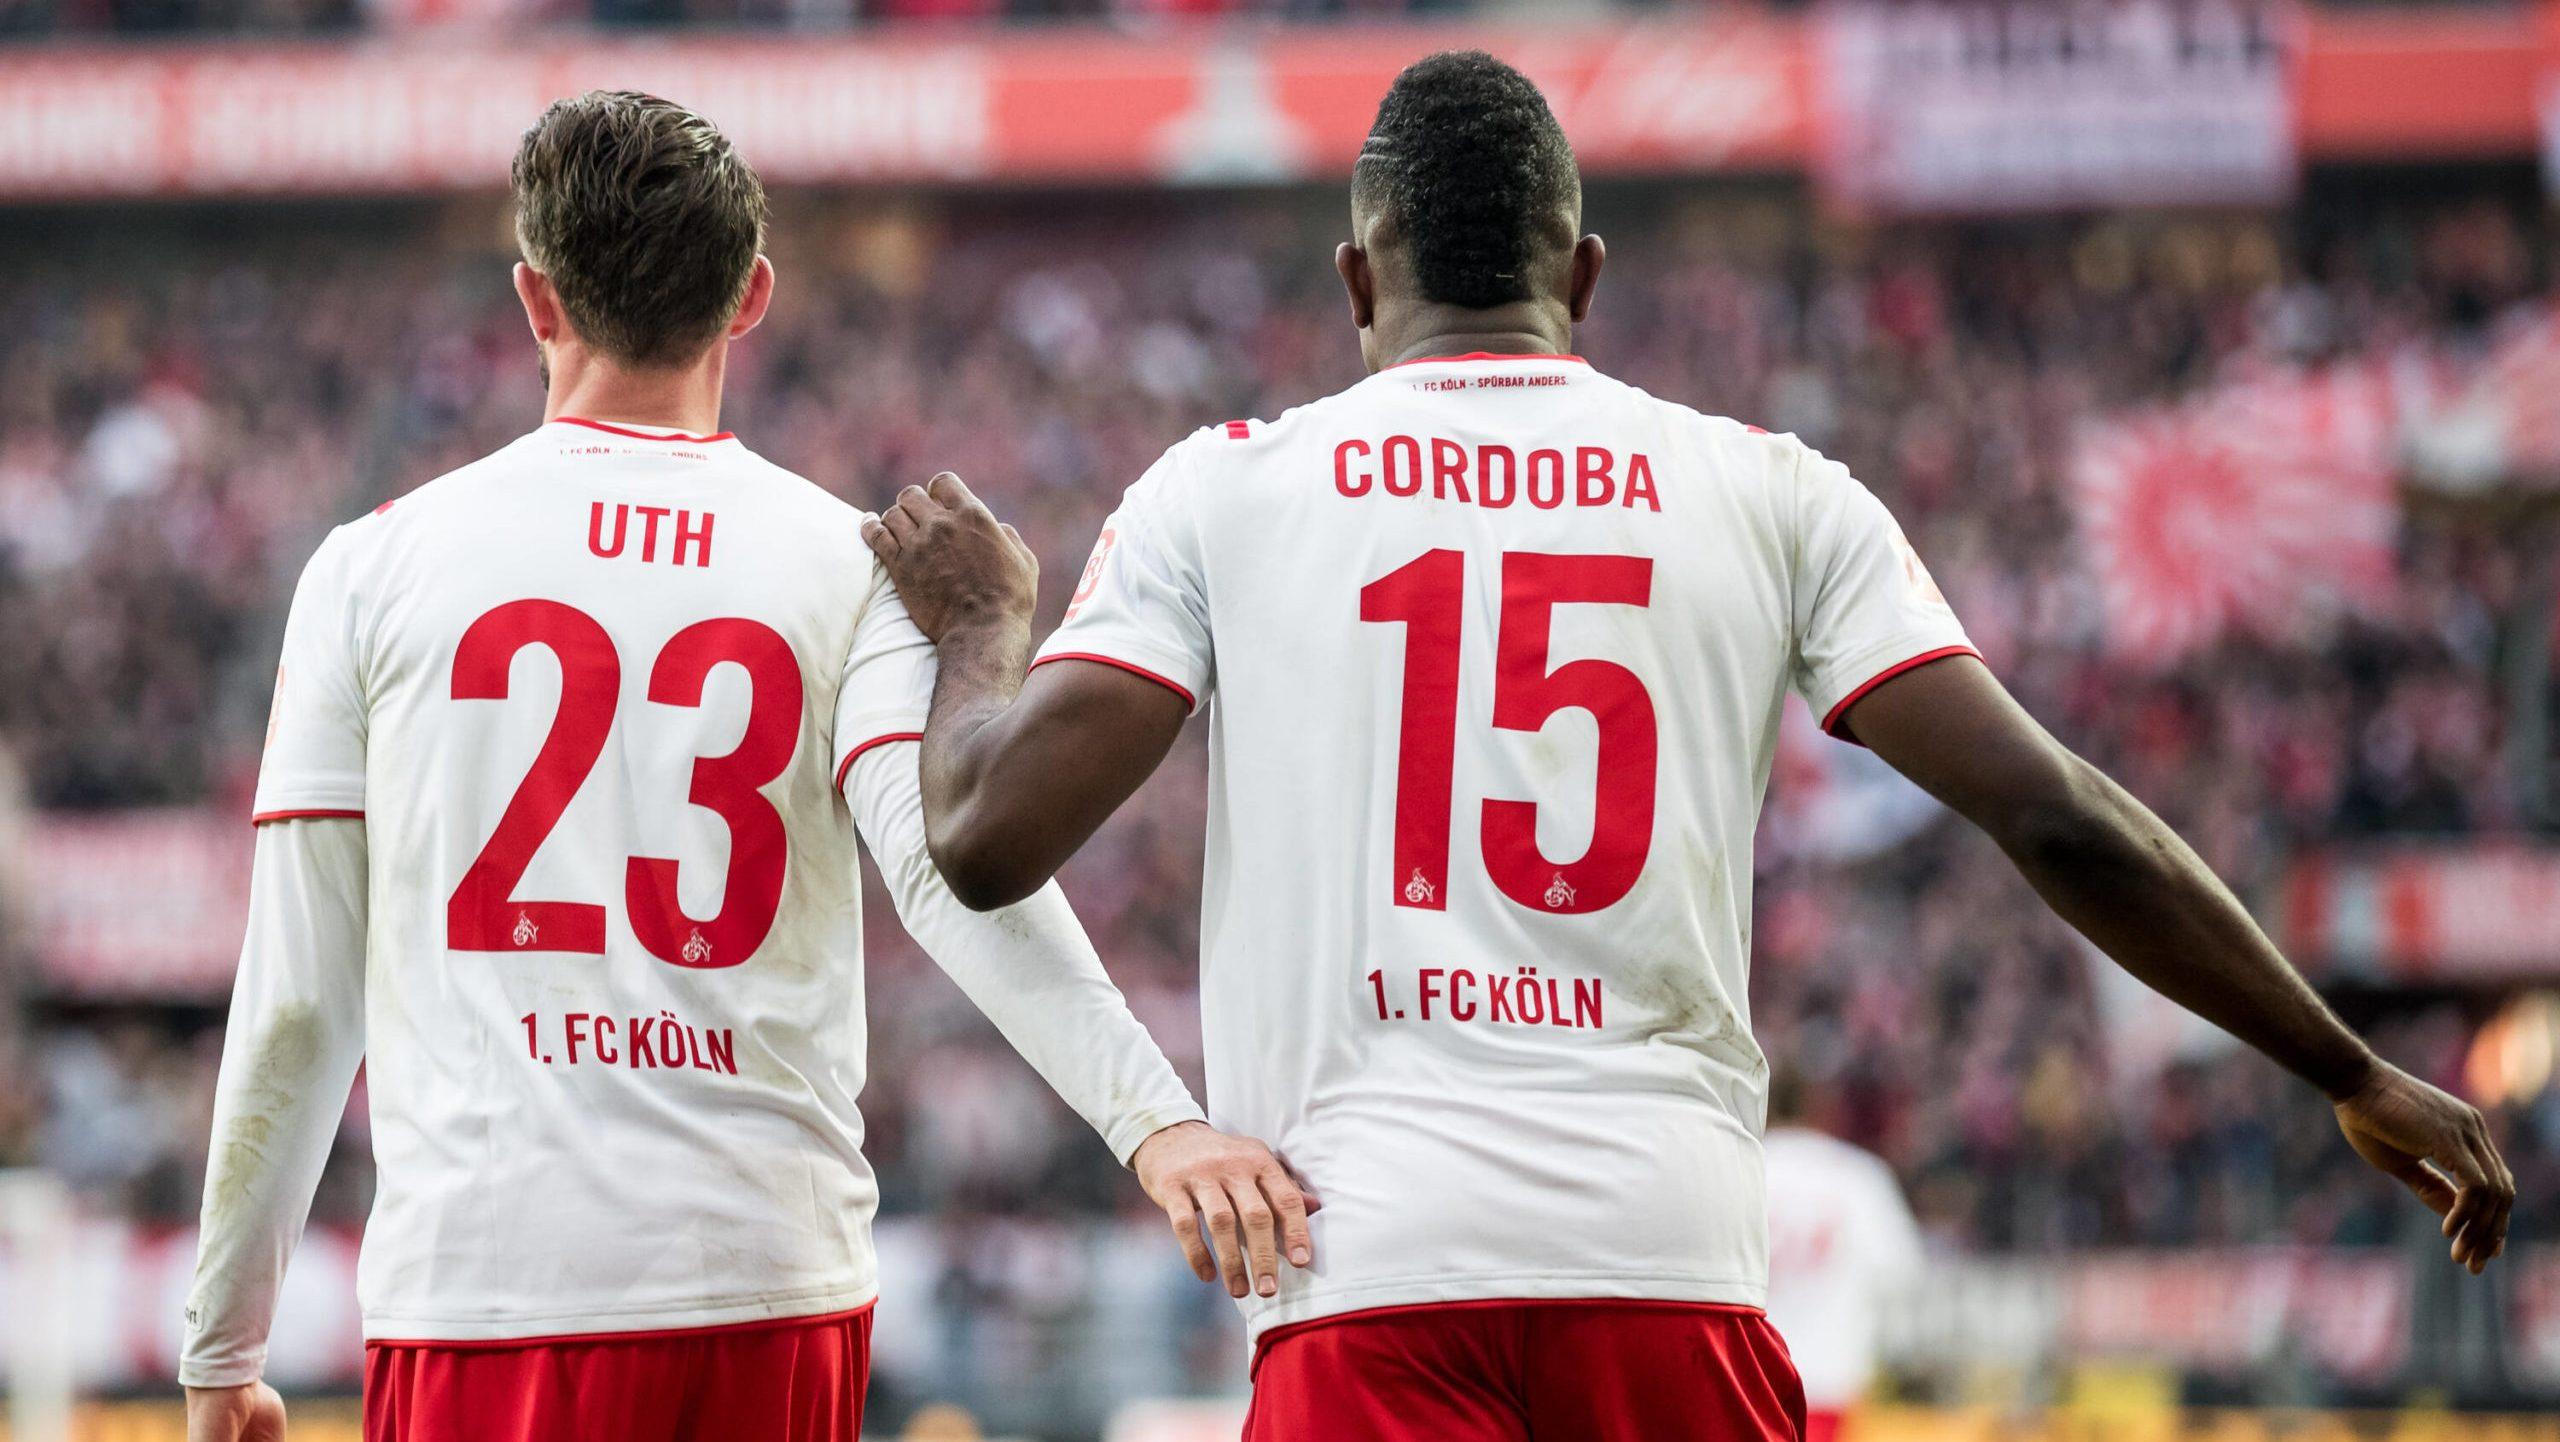 Uth legt auf, Cordoba trifft: Köln setzt Höhenflug fort